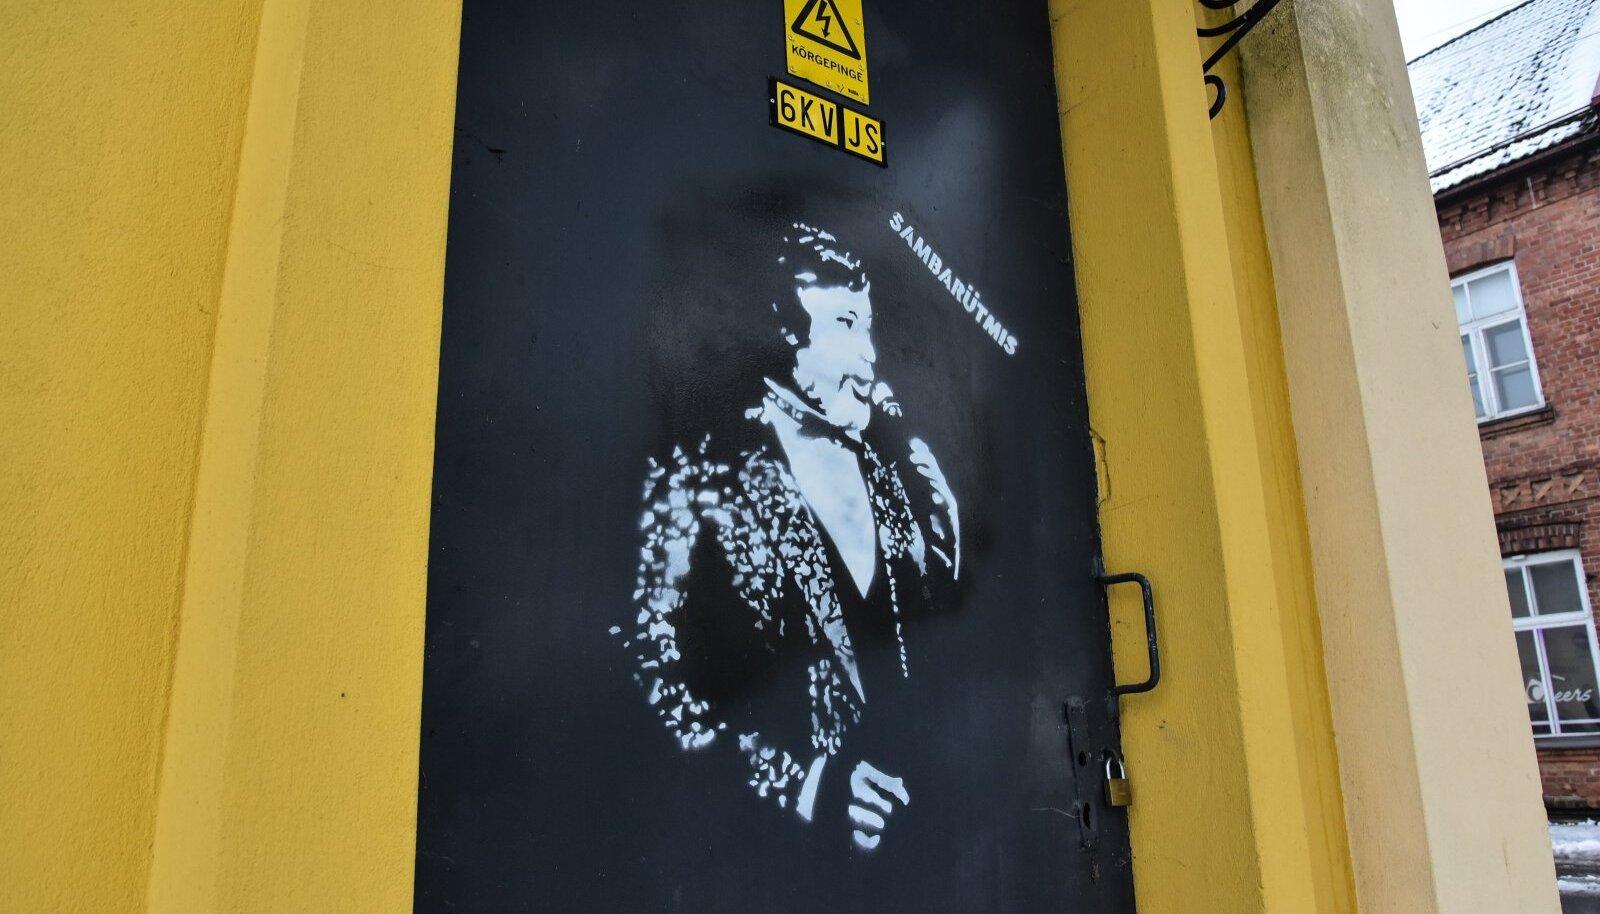 Vello Orumetsa grafiti alajaama uksel